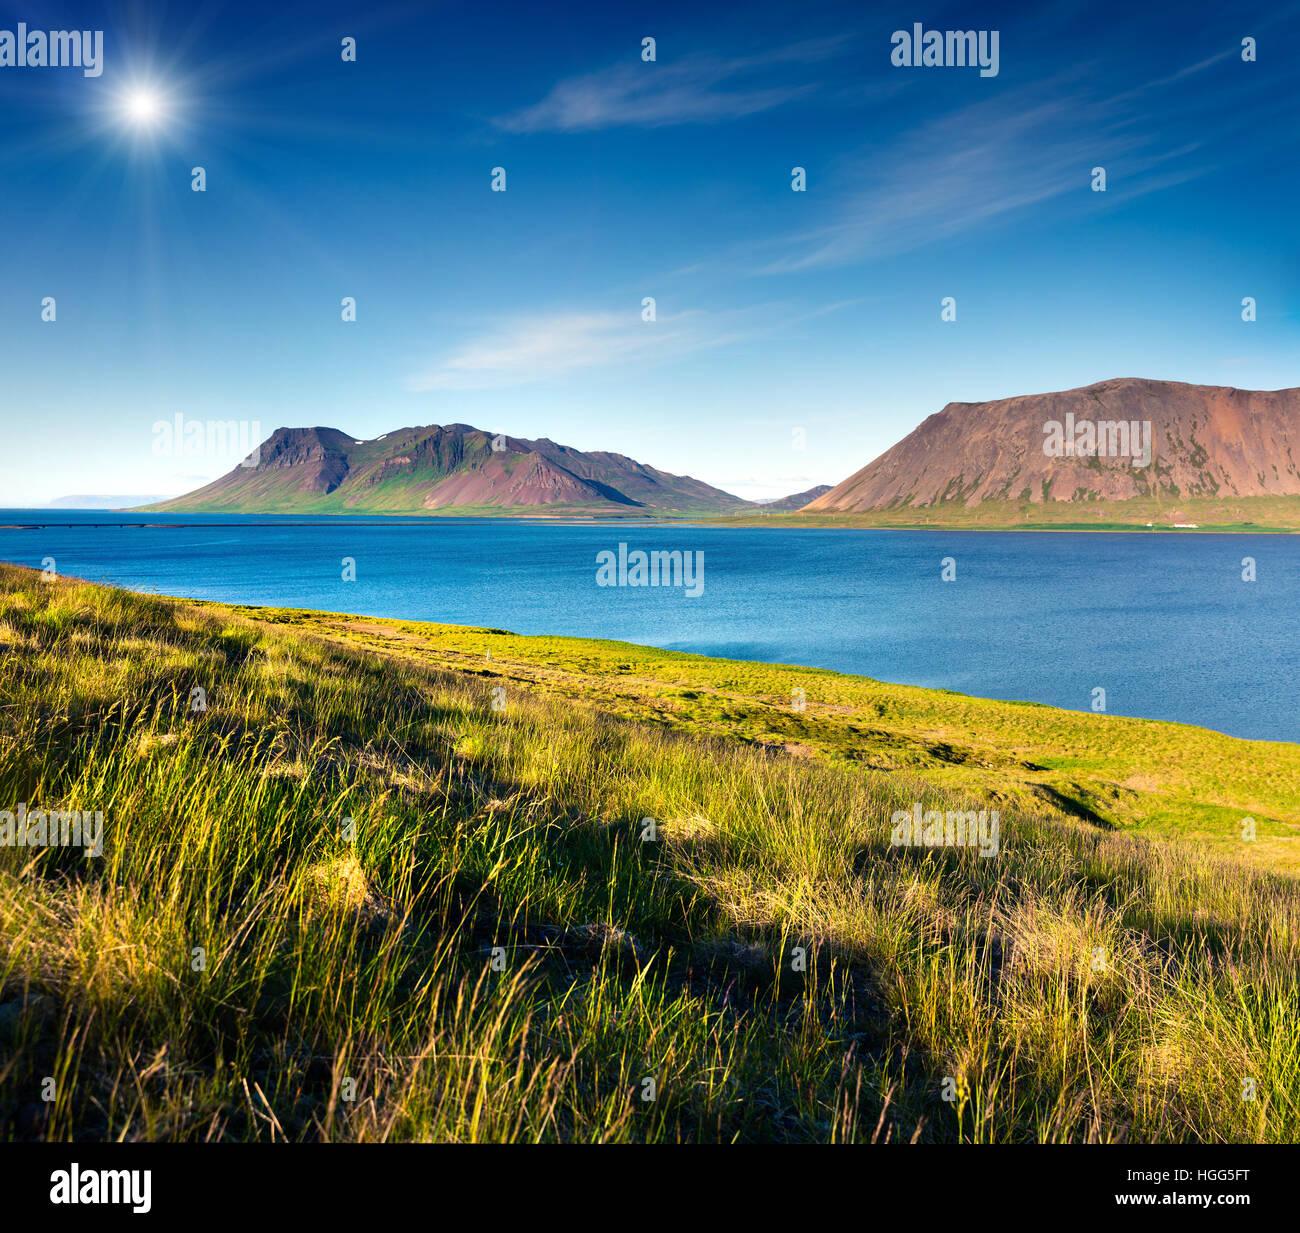 Typische isländische Landschaft mit vulkanischen Bergen und reines Wasserfluss. Sonnigen Sommermorgen in der Stockbild